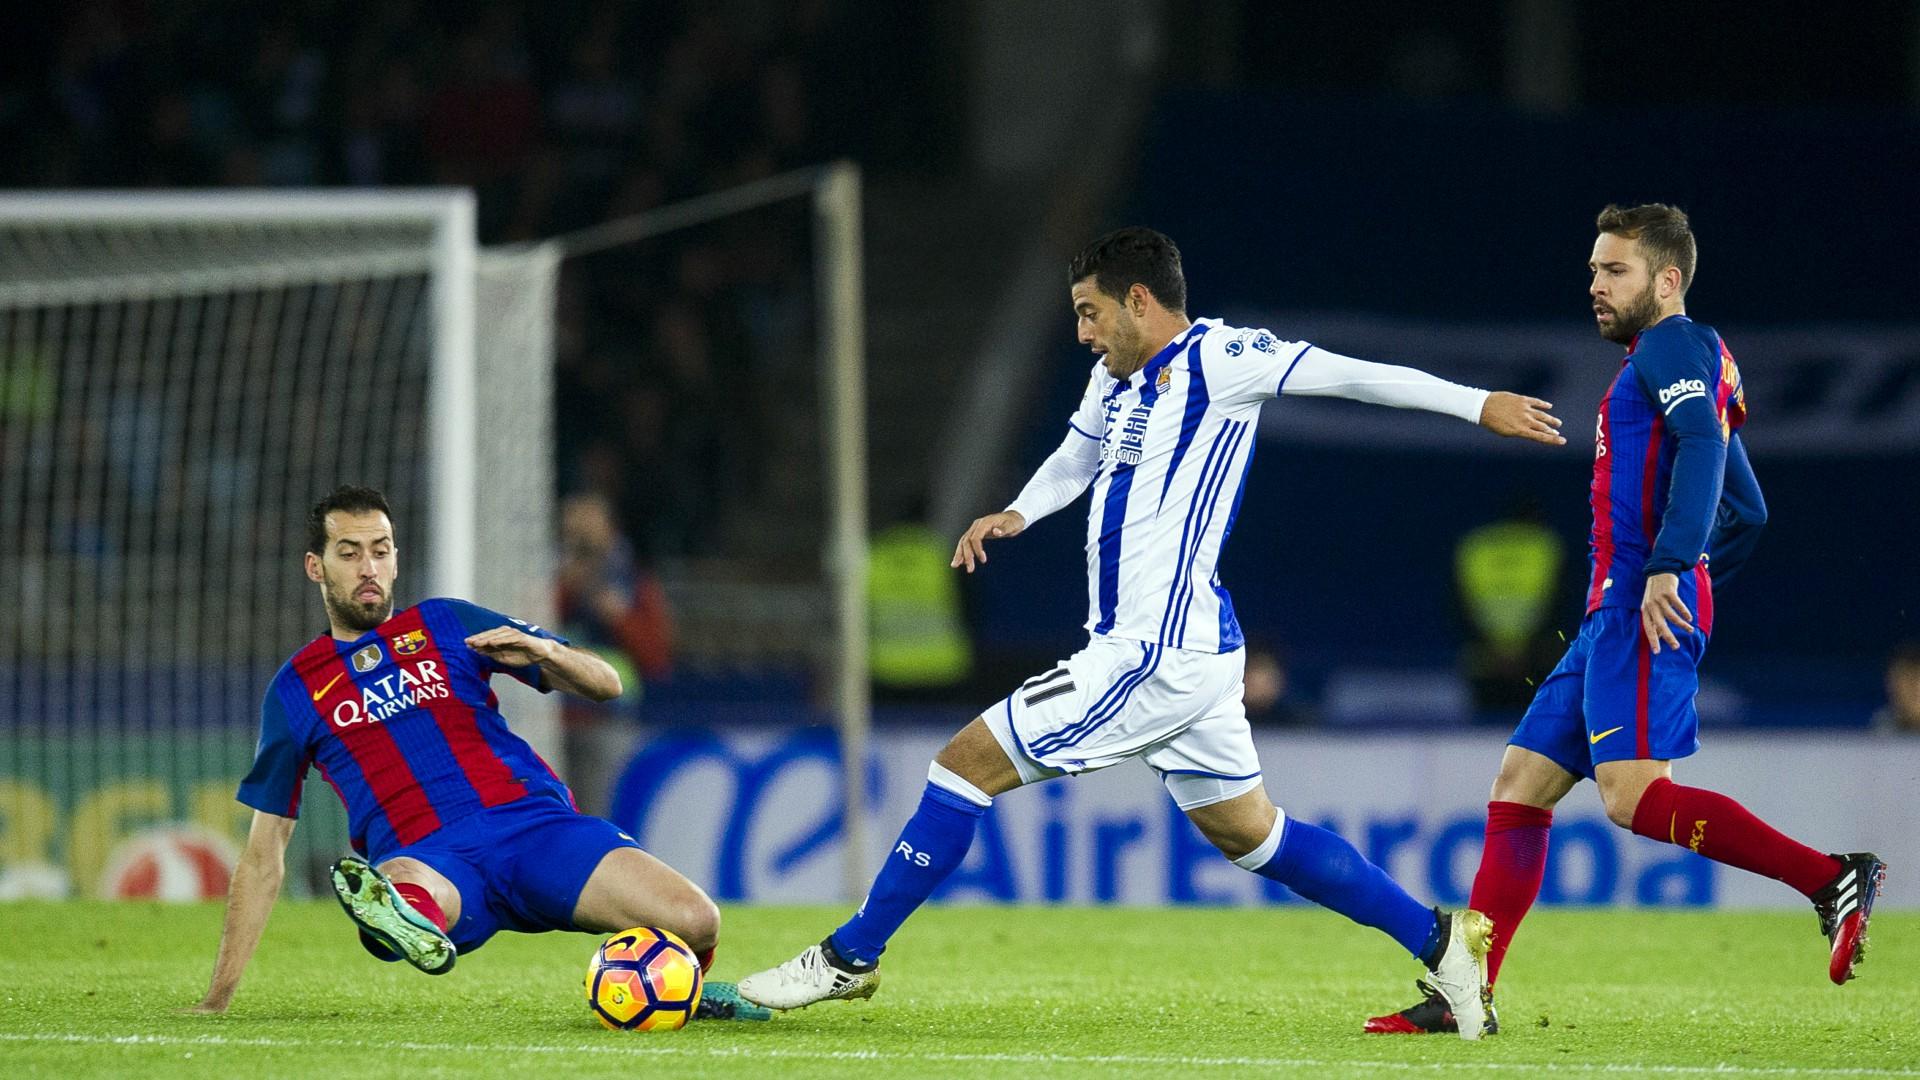 Sergio Busquets Carlos Vela Jordi Alba Real Sociedad Barcelona LaLiga